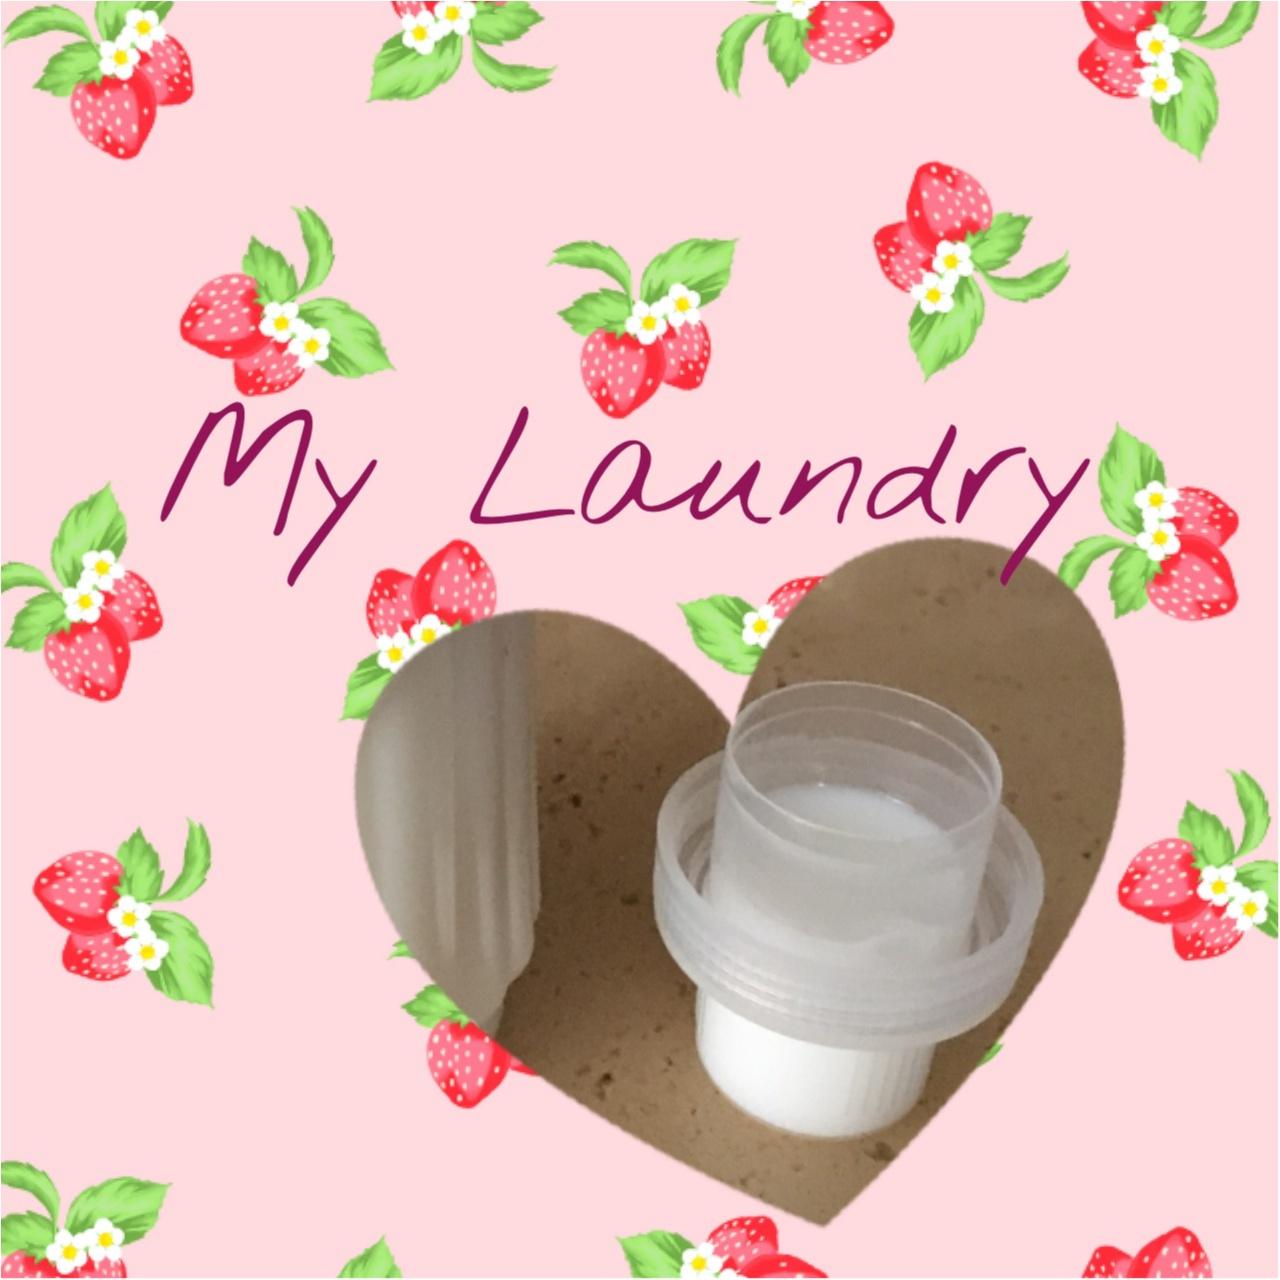 お気に入りの香り♡マイランドリーで洗濯が楽しくなる♡_5